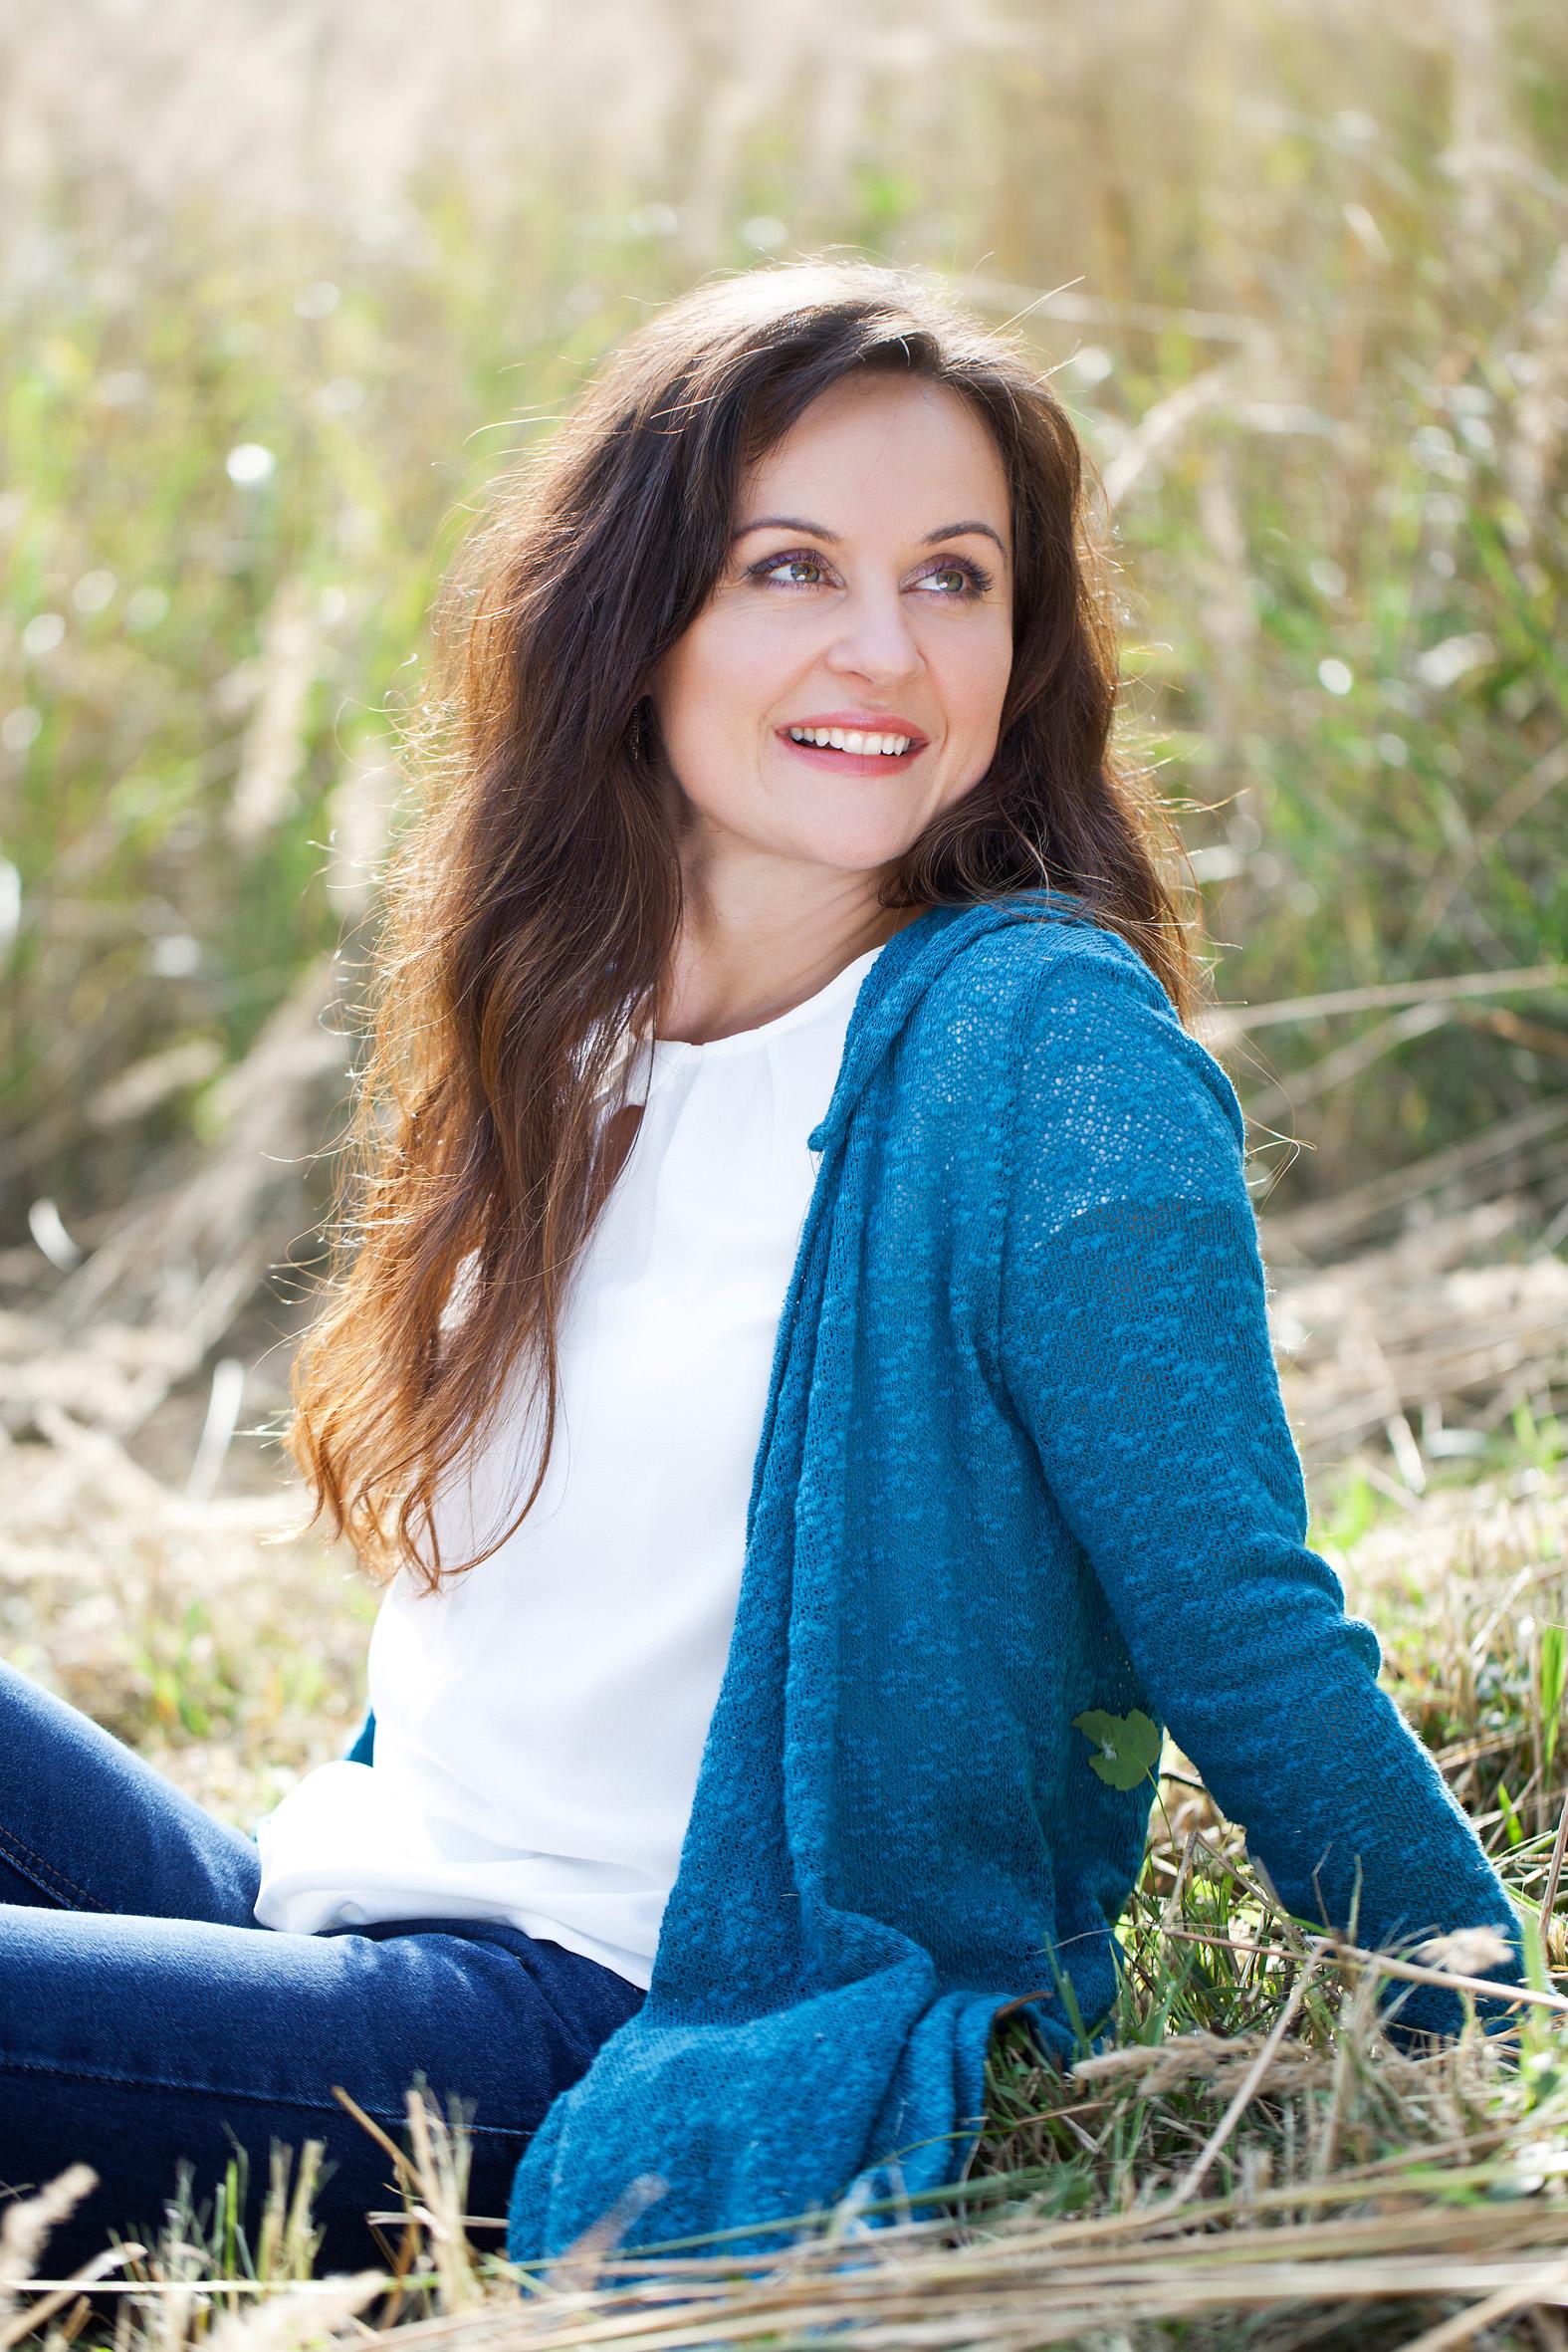 Výhľad zmôjho bývania naIbize │ Ivana Medveďová, akreditovaná terapeutka programu Cesta